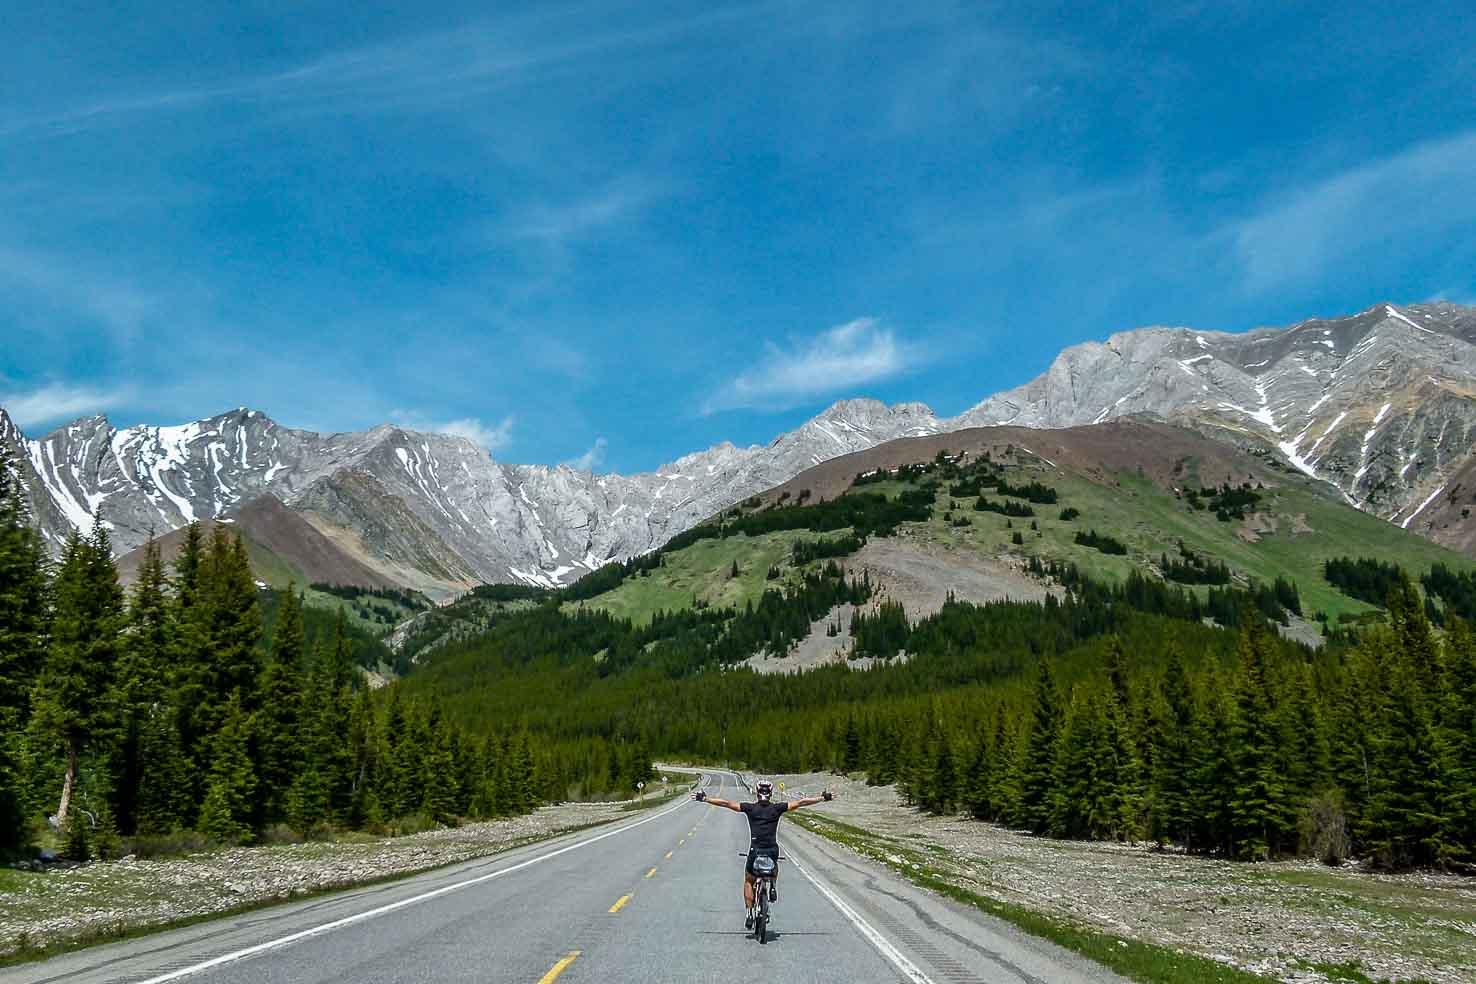 kanada dünyanın en uzun bisiklet yolu 2